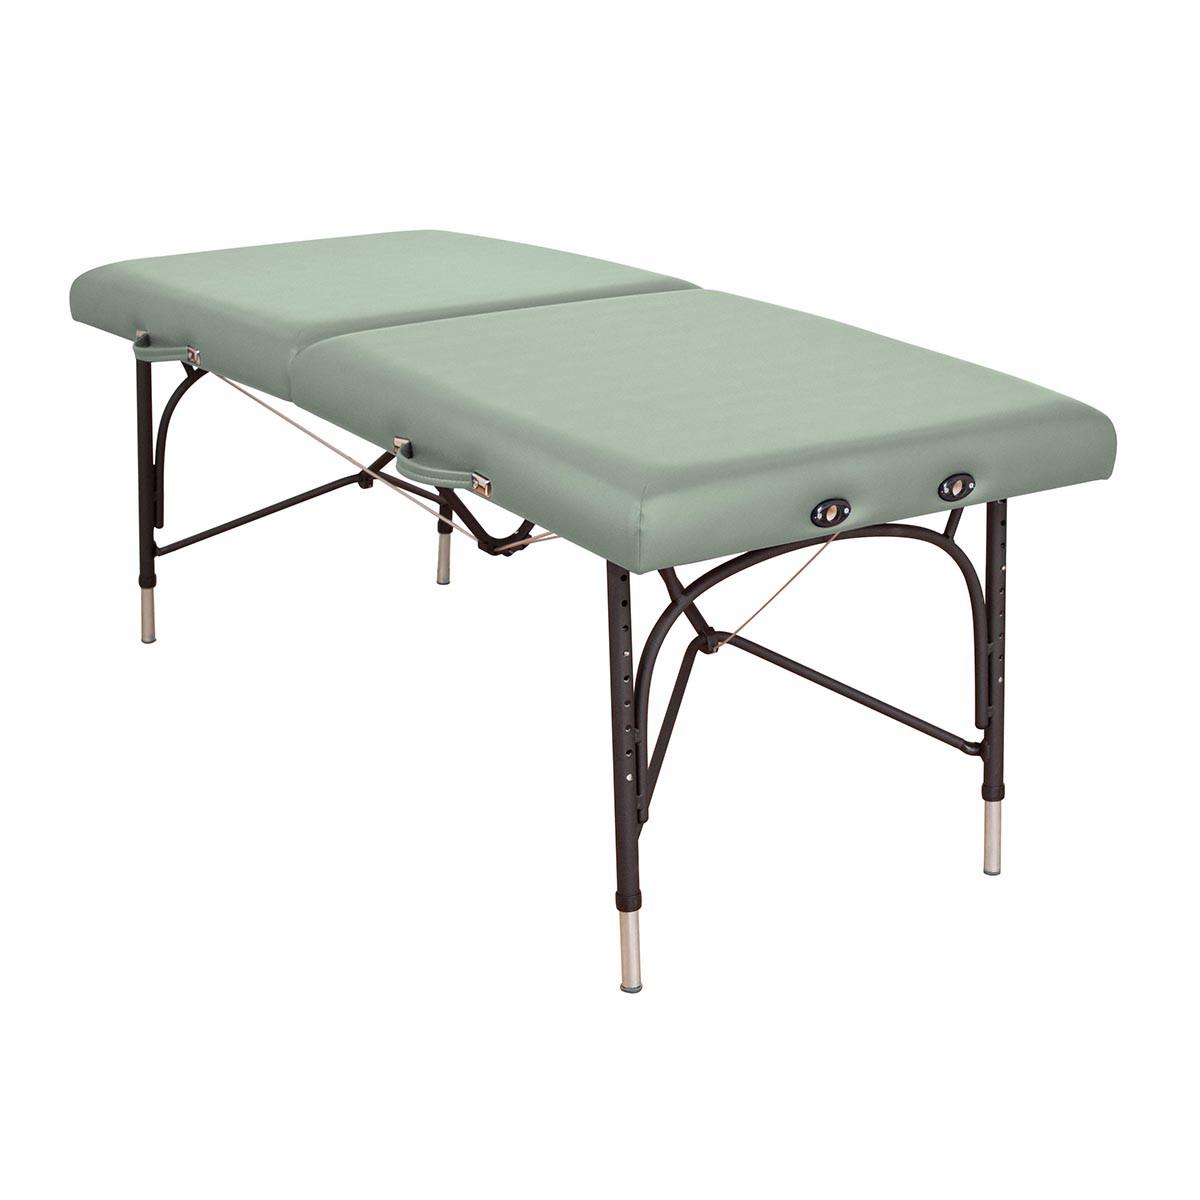 Oakworks WellSpring Portable Massage Table Sage